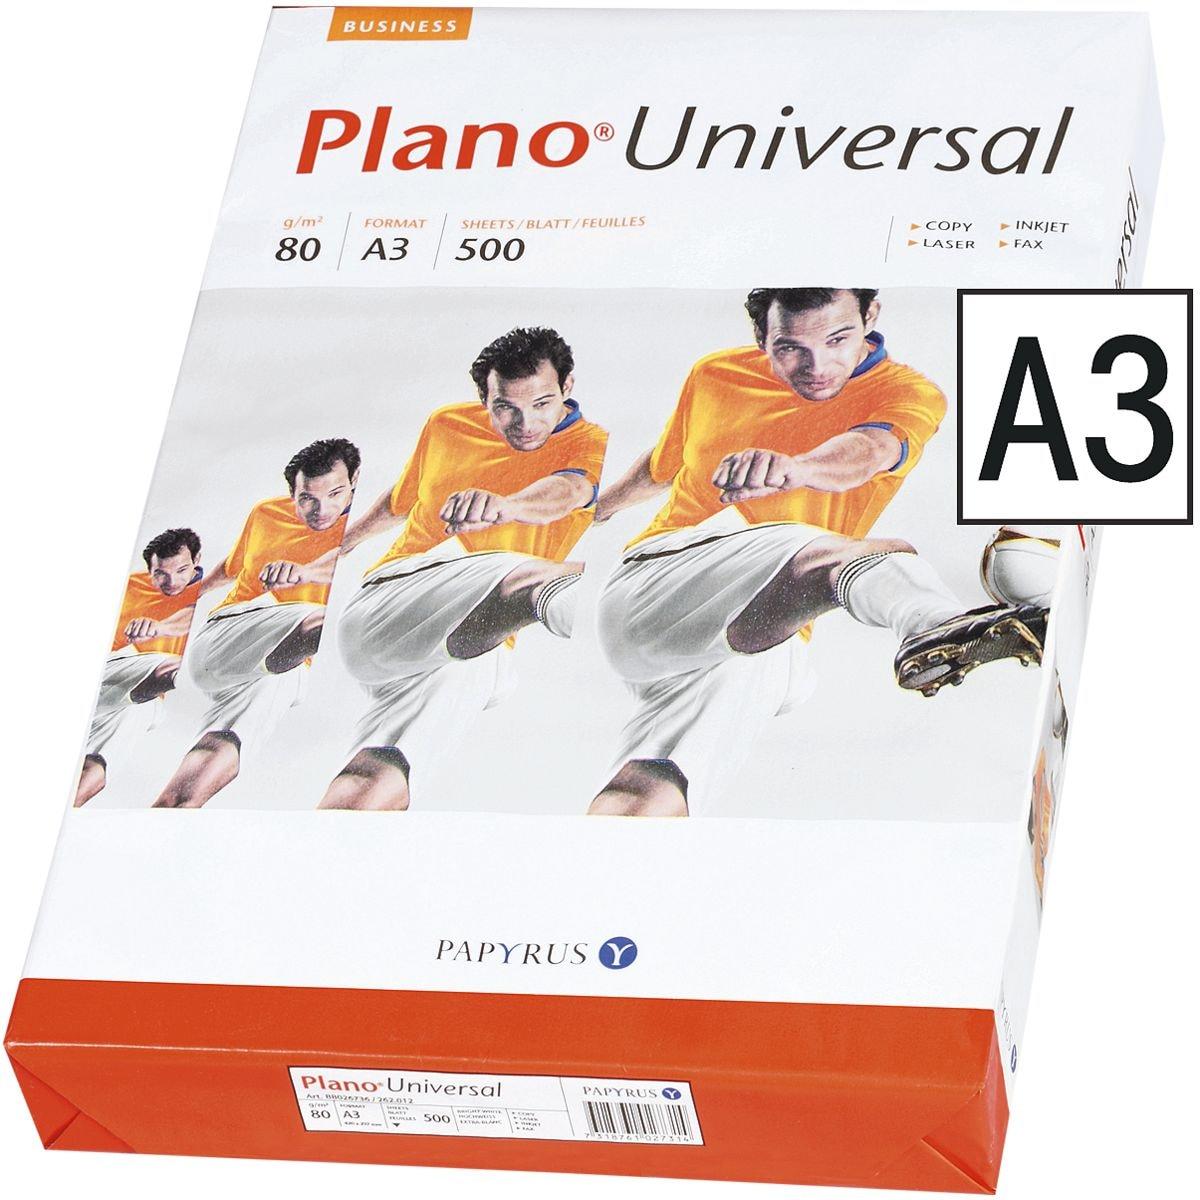 Kopierpapier A3 Plano Universal - 500 Blatt gesamt, 80g/qm